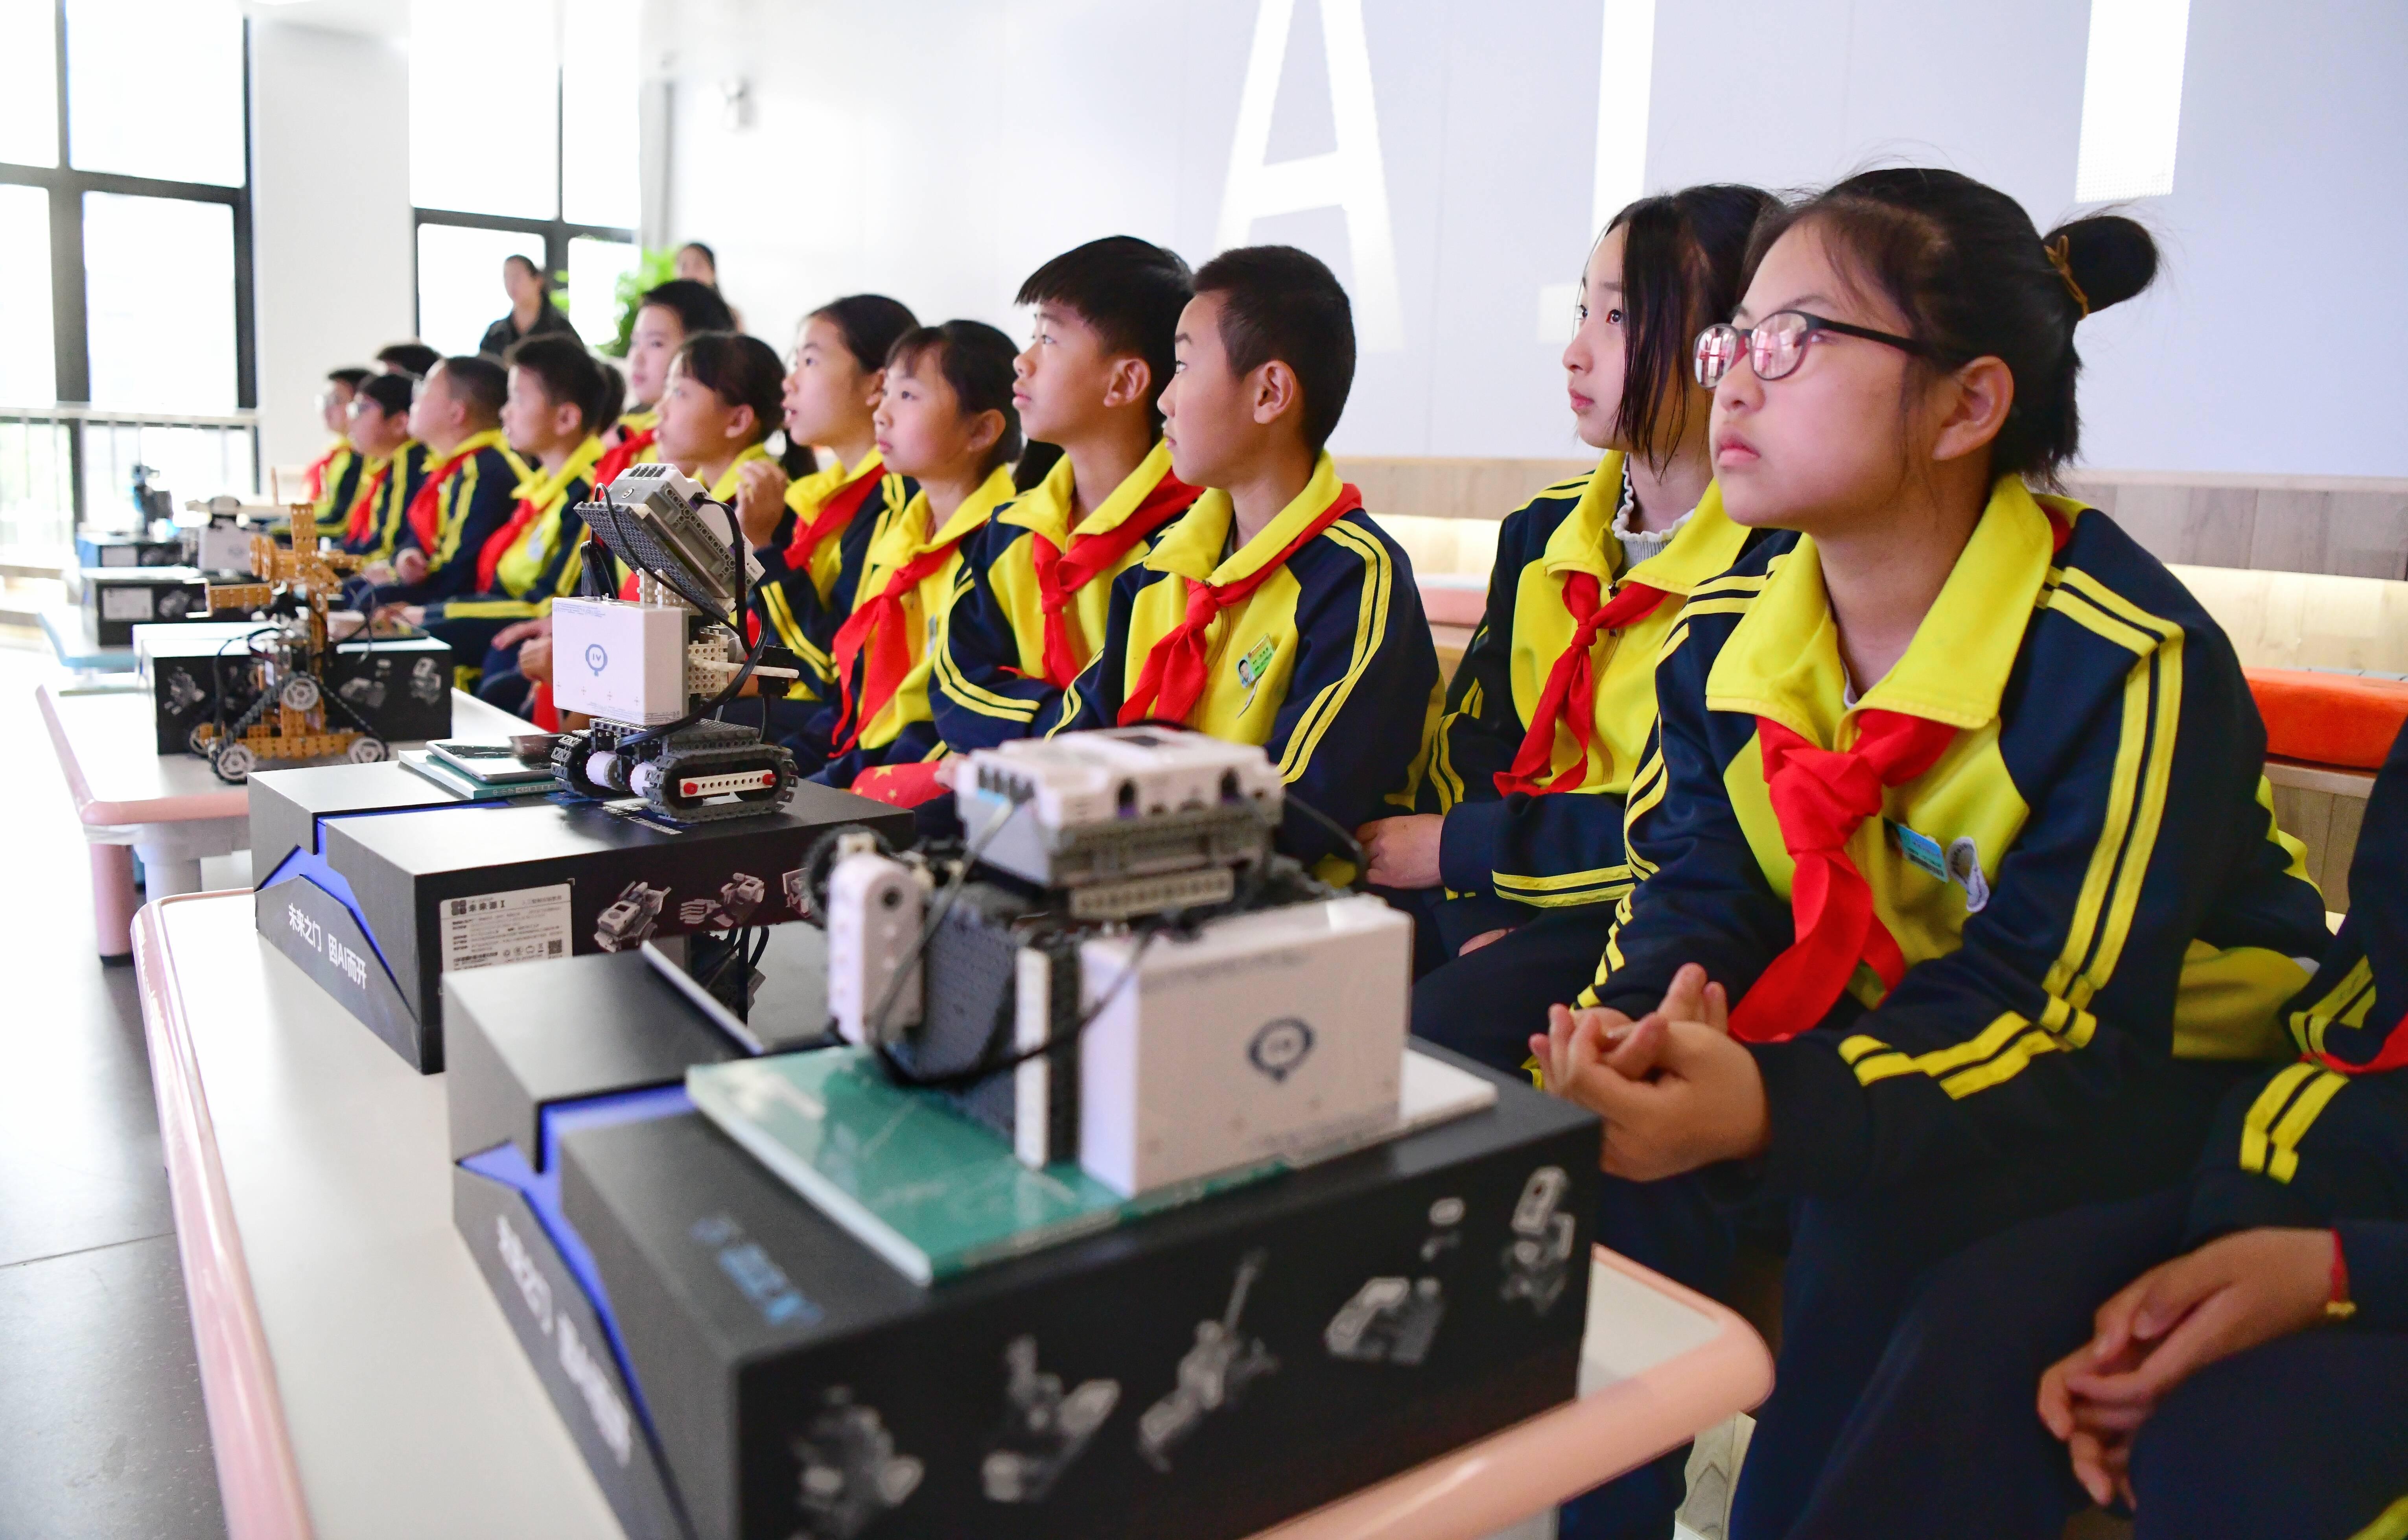 科大讯飞(青岛)人工智能科技馆开馆,首届AI科普月活动同时启动